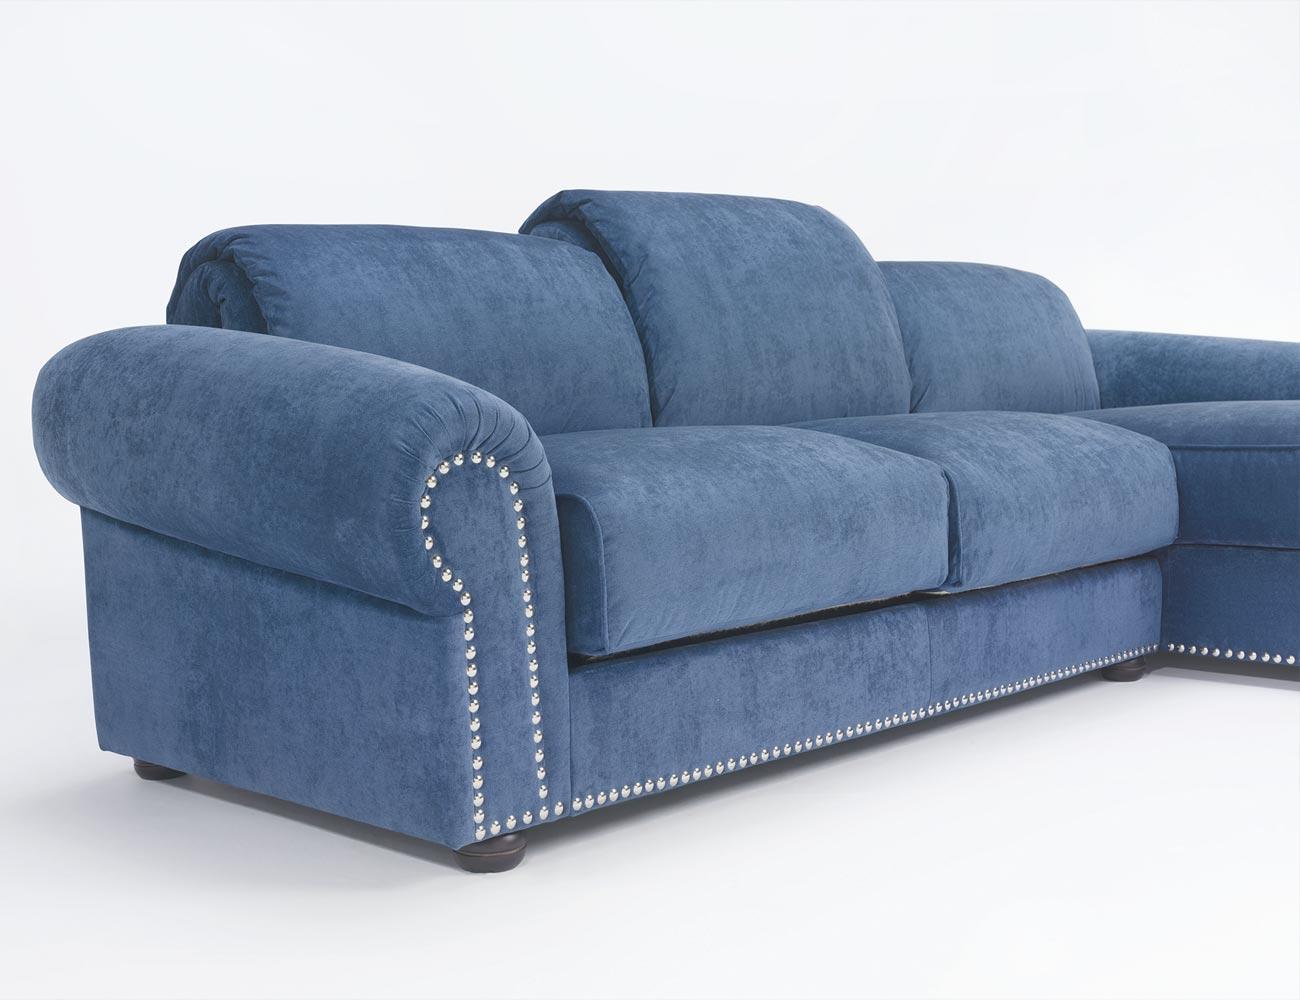 Sofa chaiselongue gran lujo decorativo azul 116